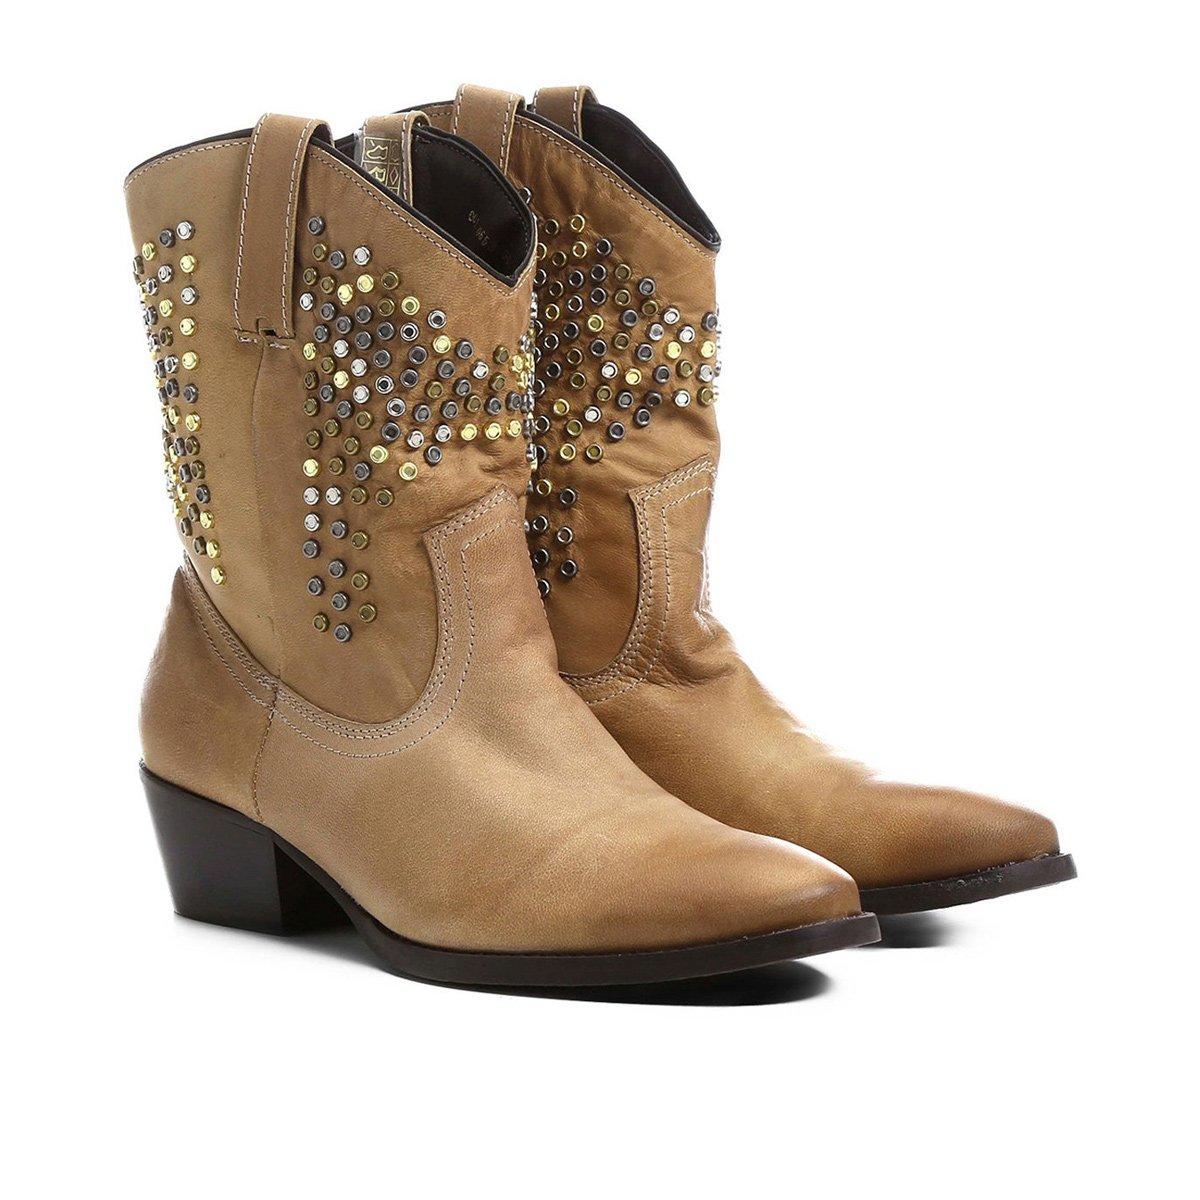 Bota couro country shoestock tachas e pedras feminina bege jpg 1200x1200 Botas  femininas country cb12b11b37e